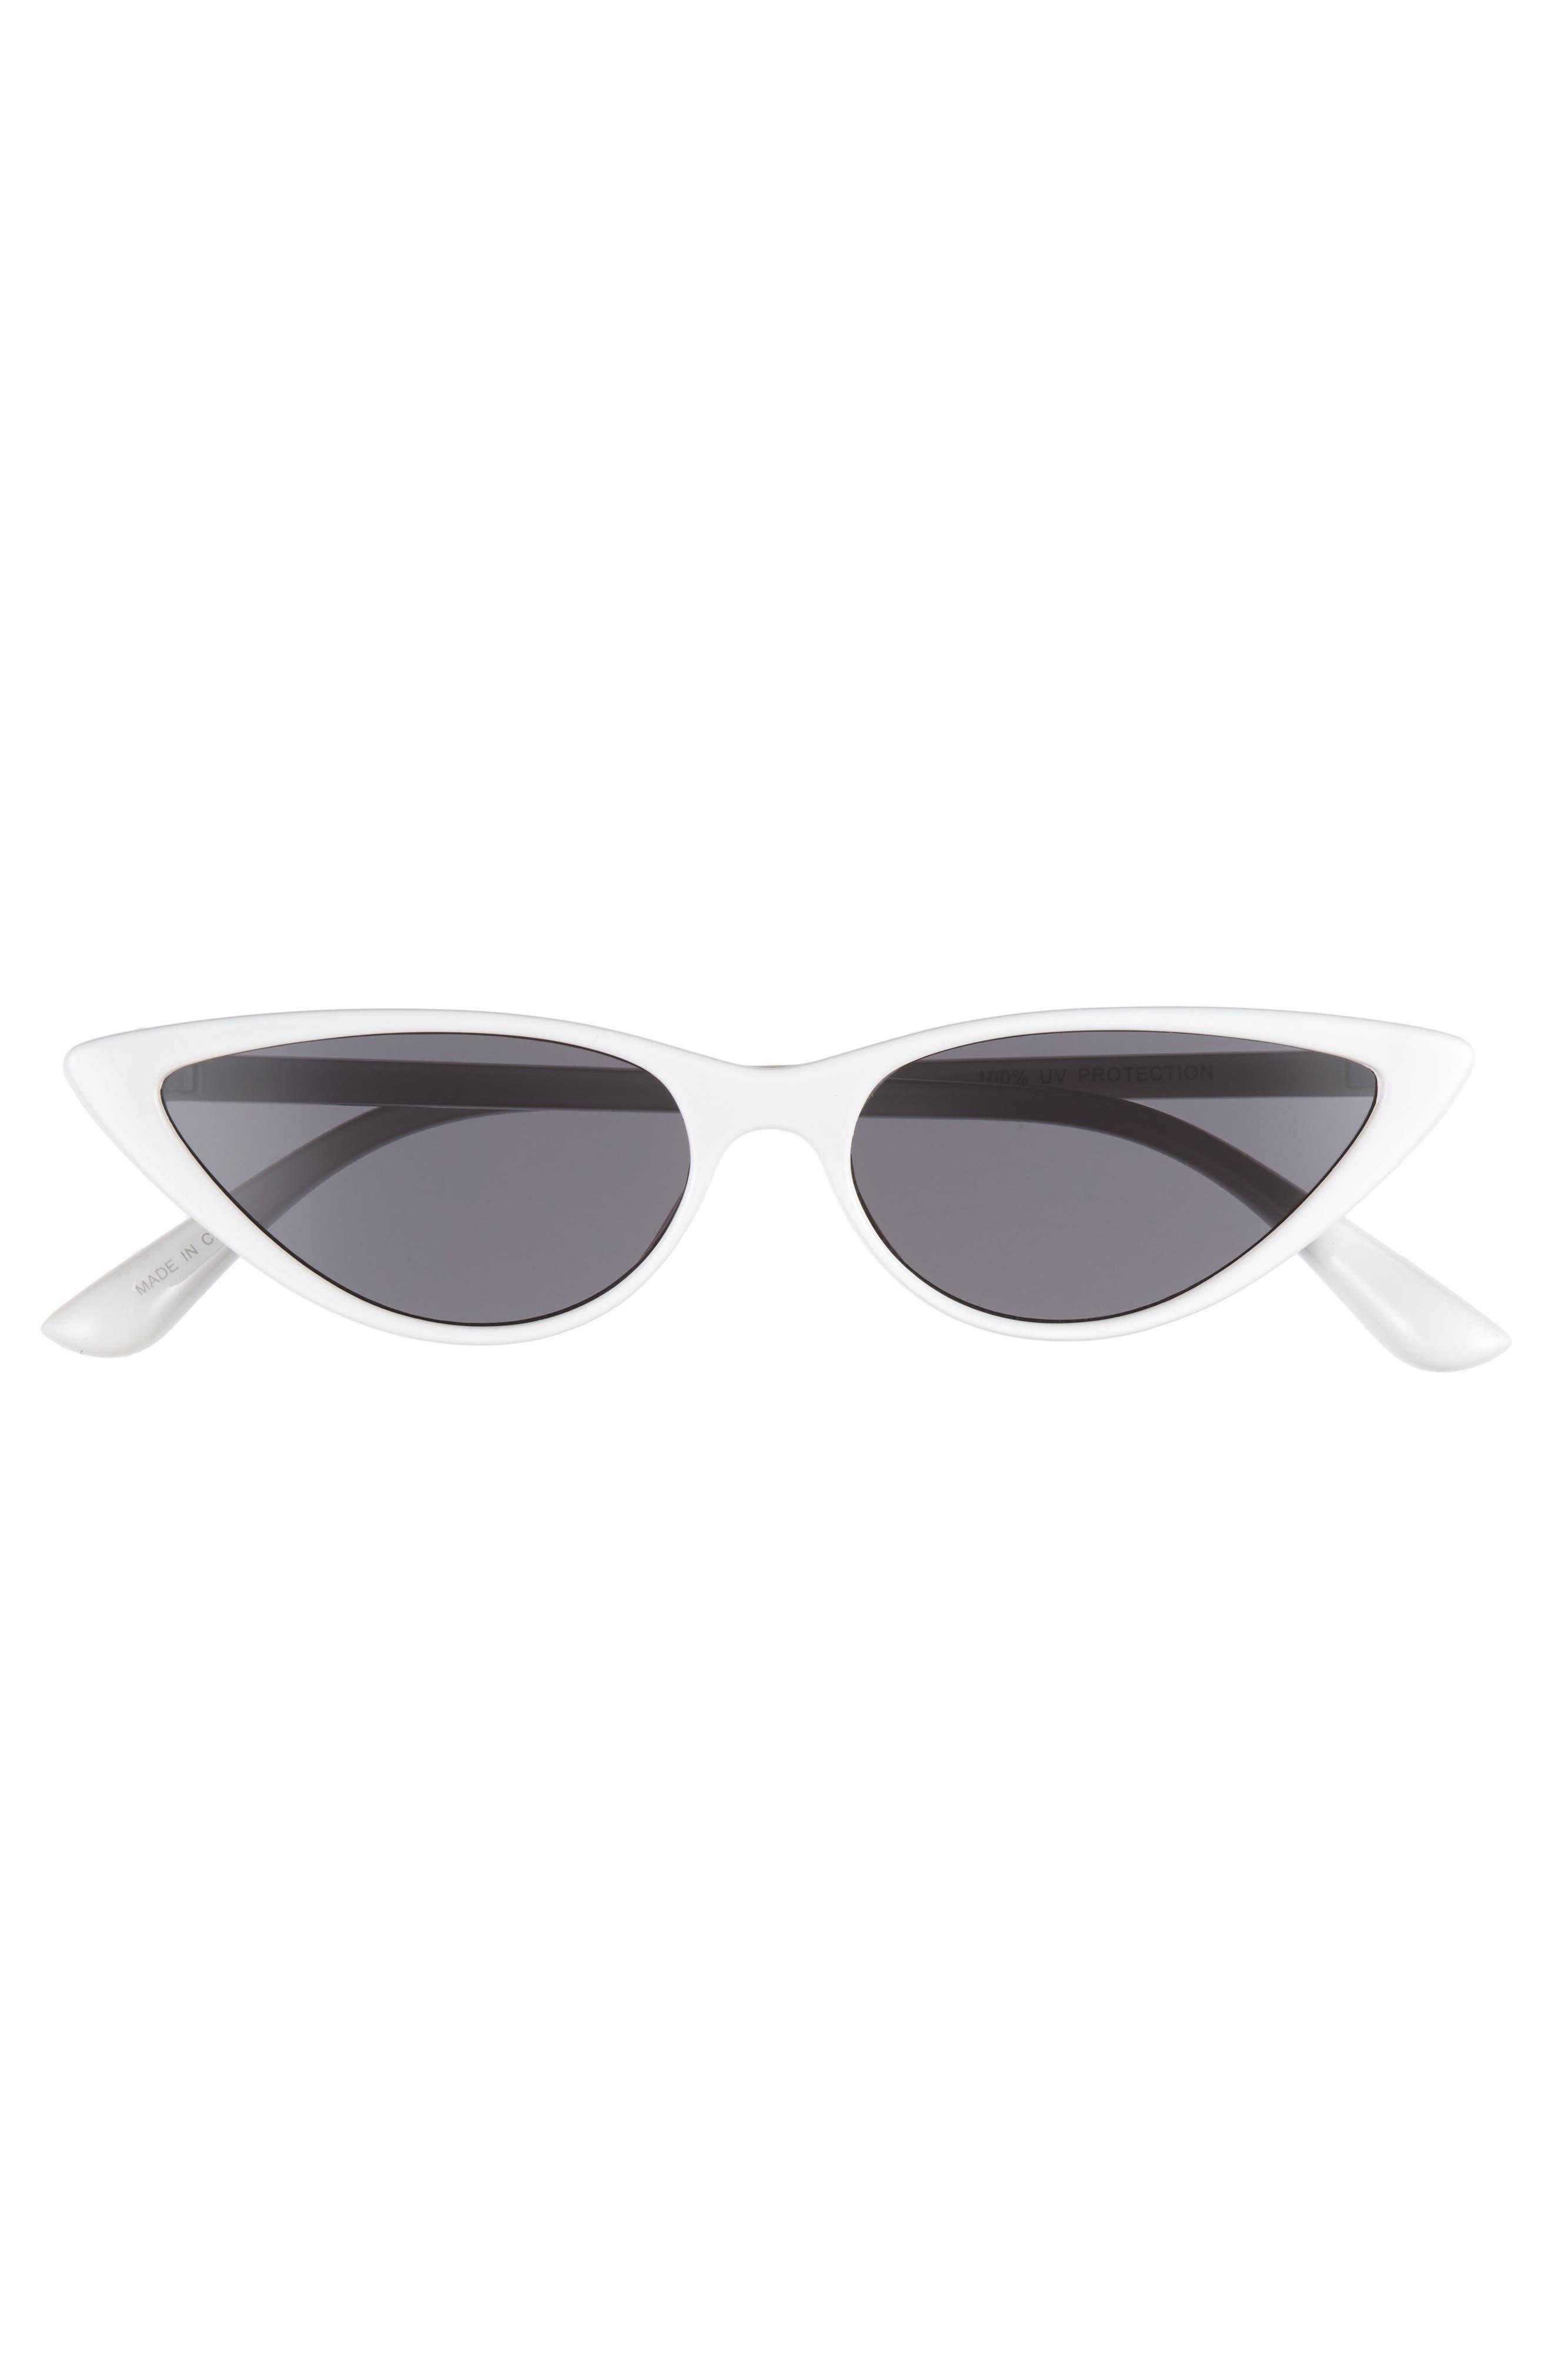 55mm Cat Eye Sunglasses,                             Alternate thumbnail 3, color,                             WHITE